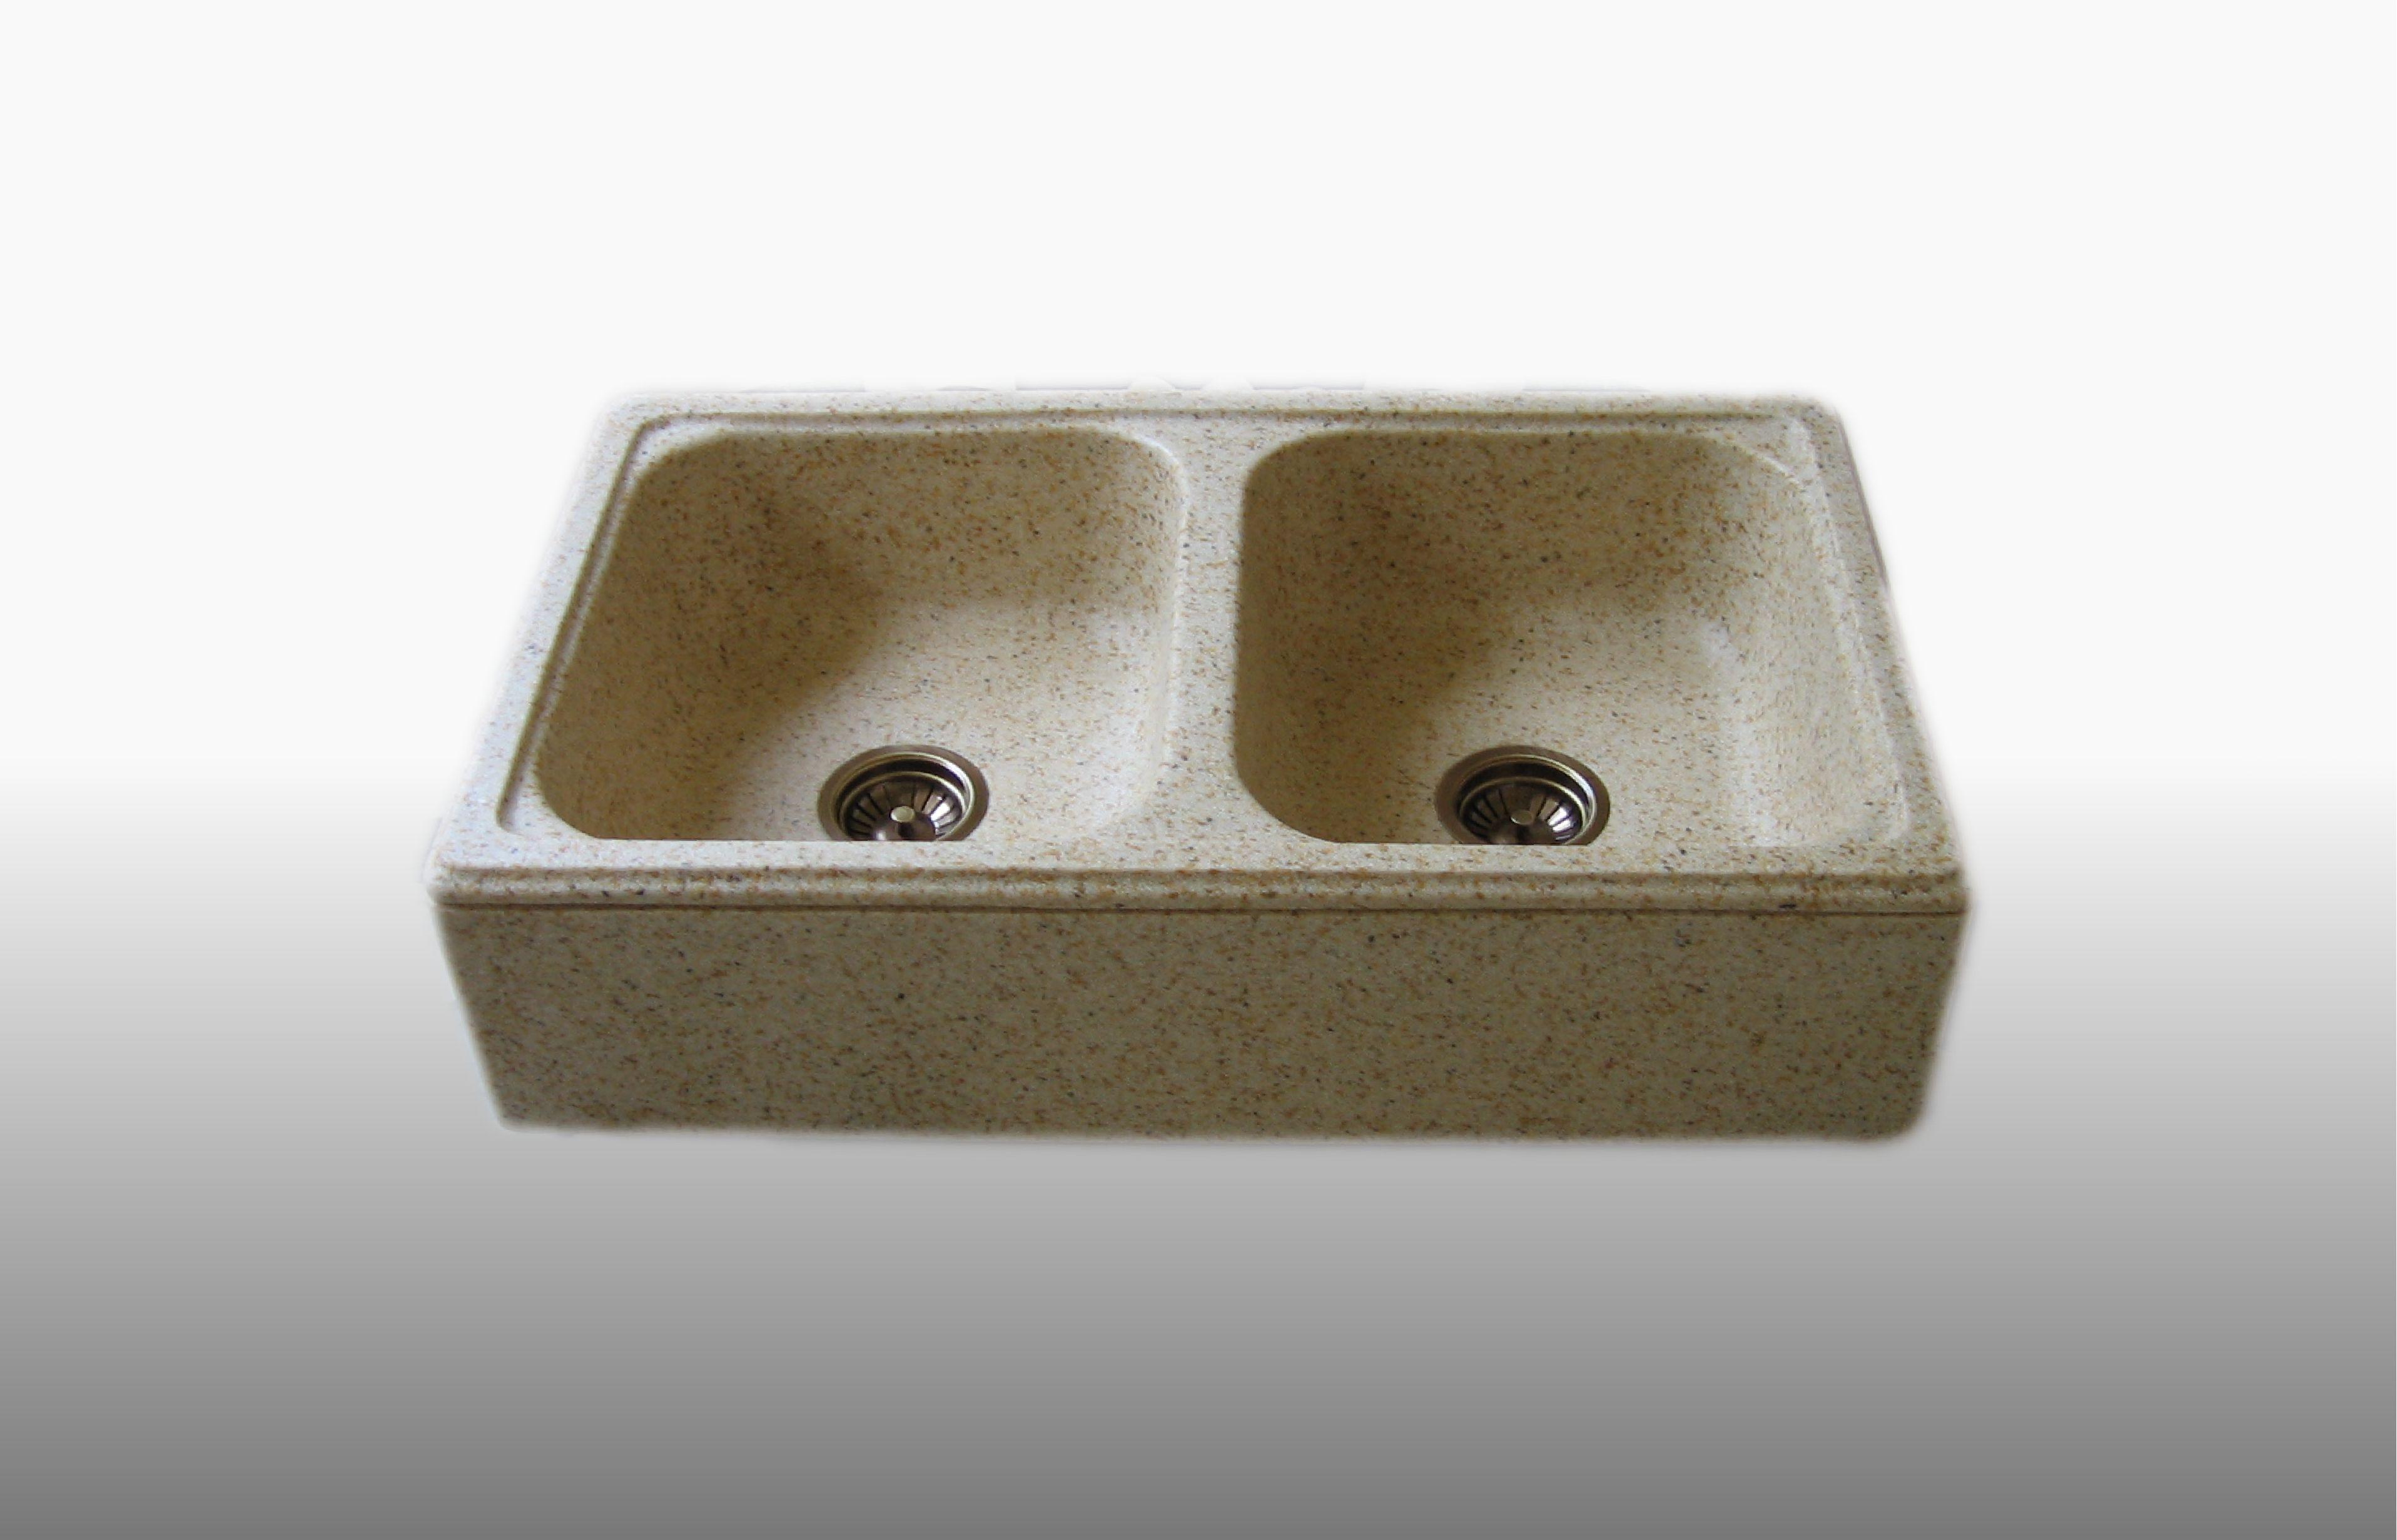 Lavello d'appoggio in graniglia 2 Vasche misura 50x85x21 cm  - prezzo 480,00 - 610 €